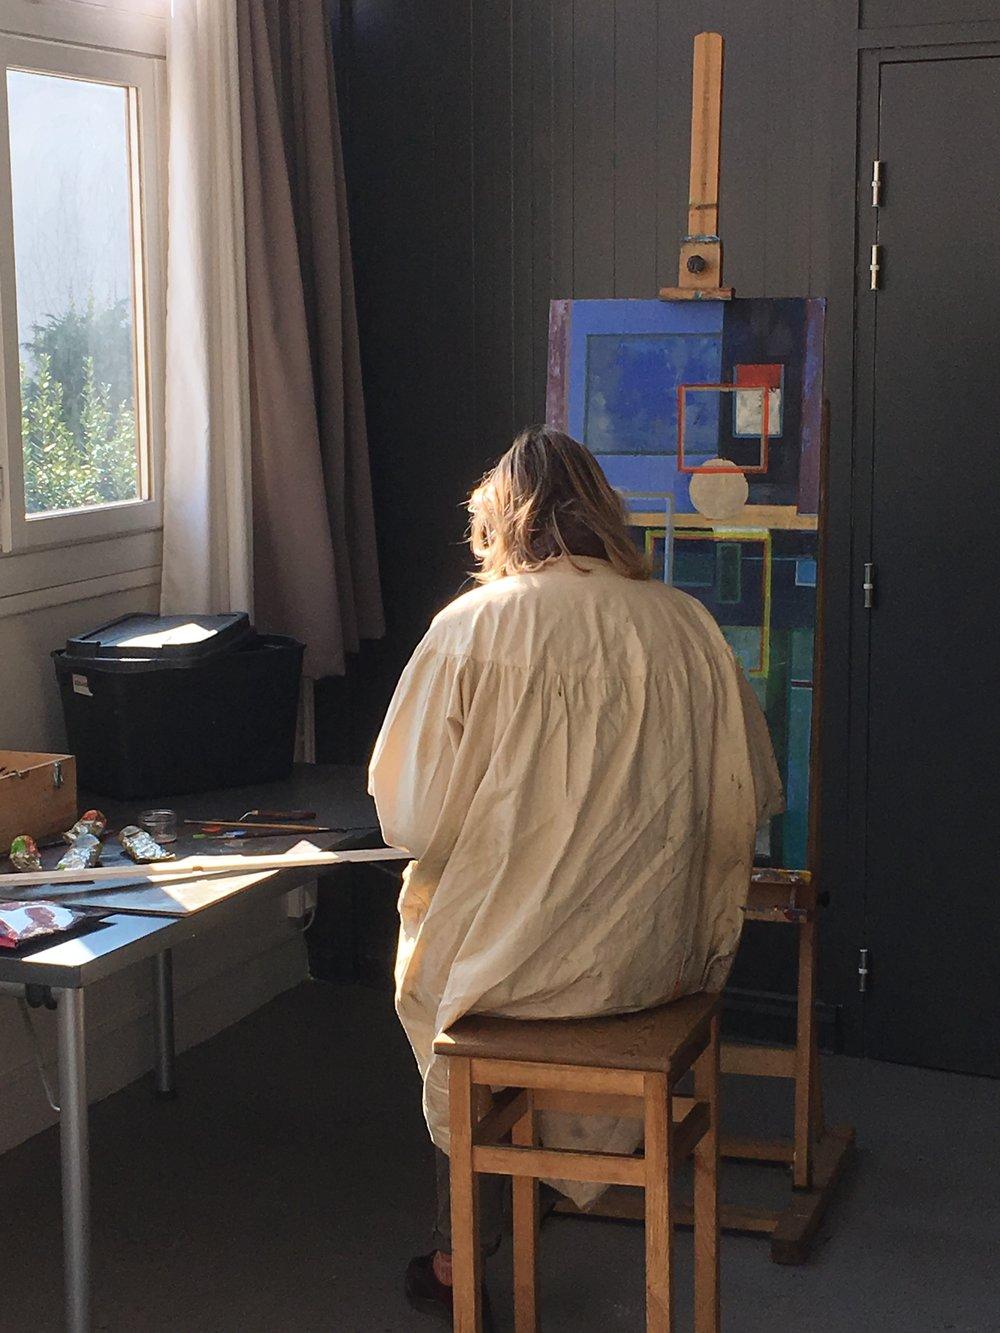 cours-dessin-vincennes-montreuil-paris-fontenay-sous-bois-saint-mande.jpg